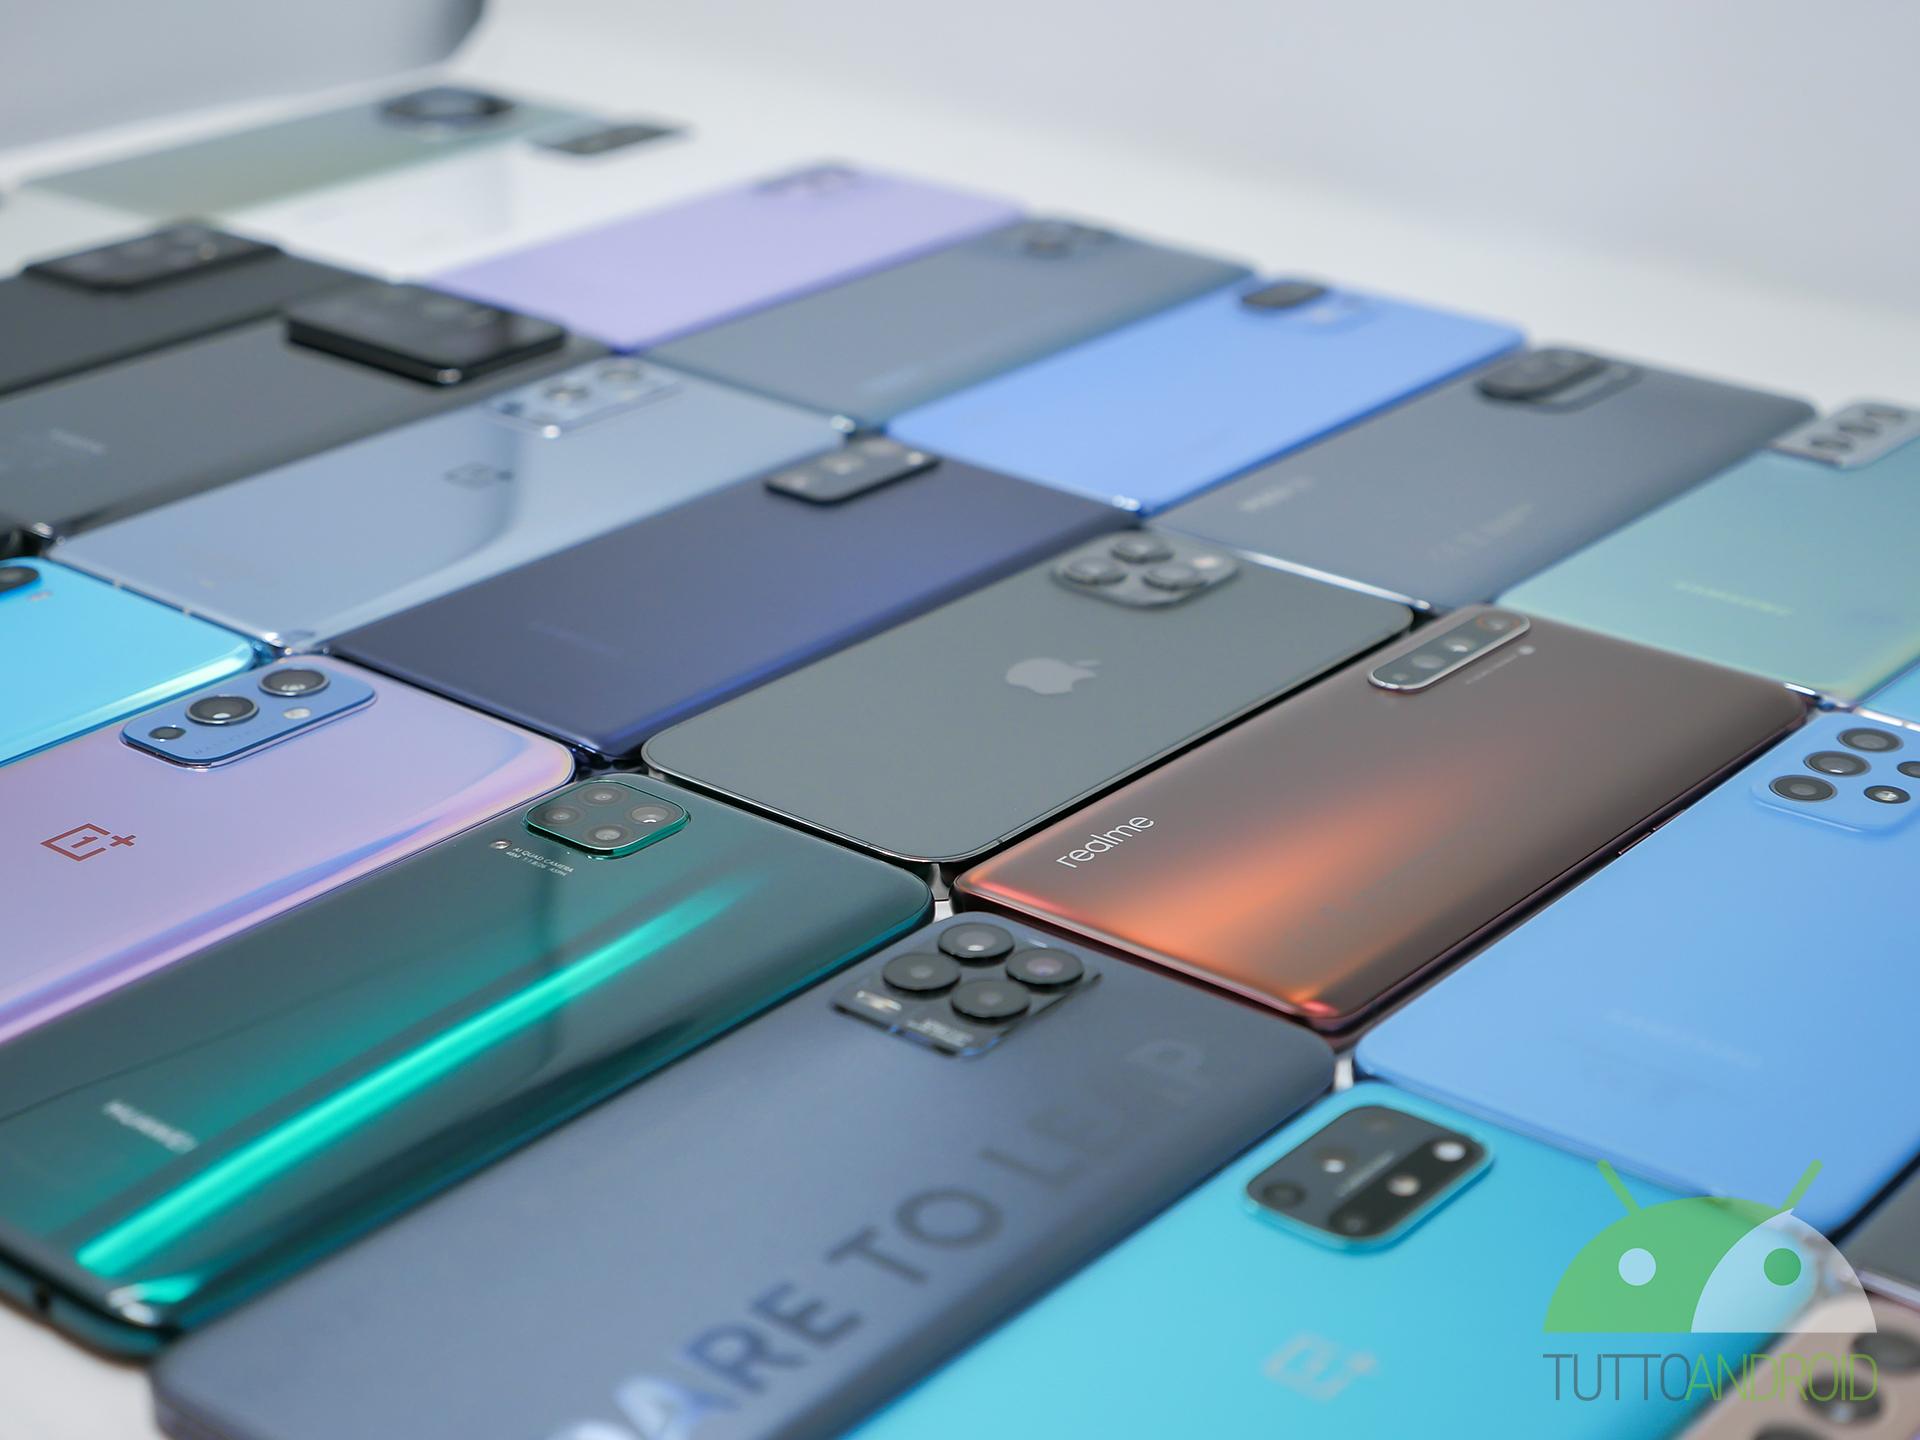 Aggiornamenti per Samsung Galaxy Z Flip, Fold, un Realme e un mucchio di Redmi